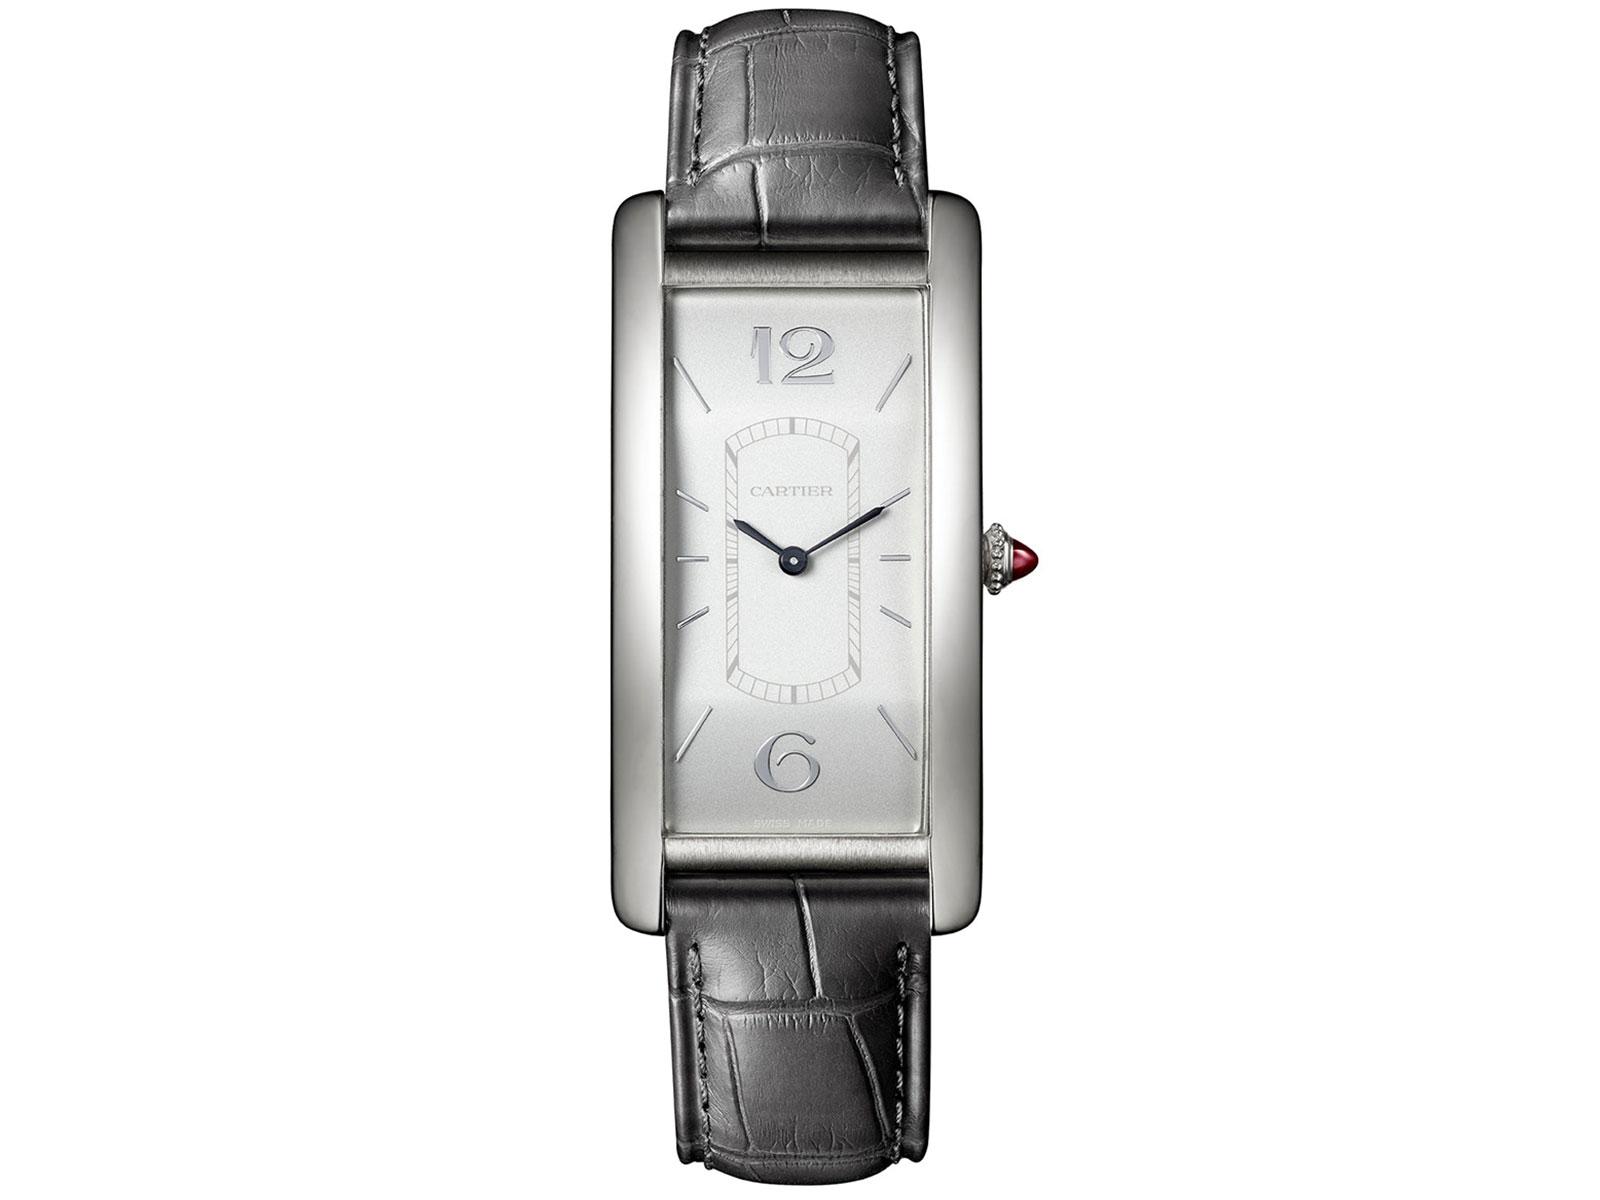 Cartier-Tank-Cintree-Sihh2018-Platinum.jpg